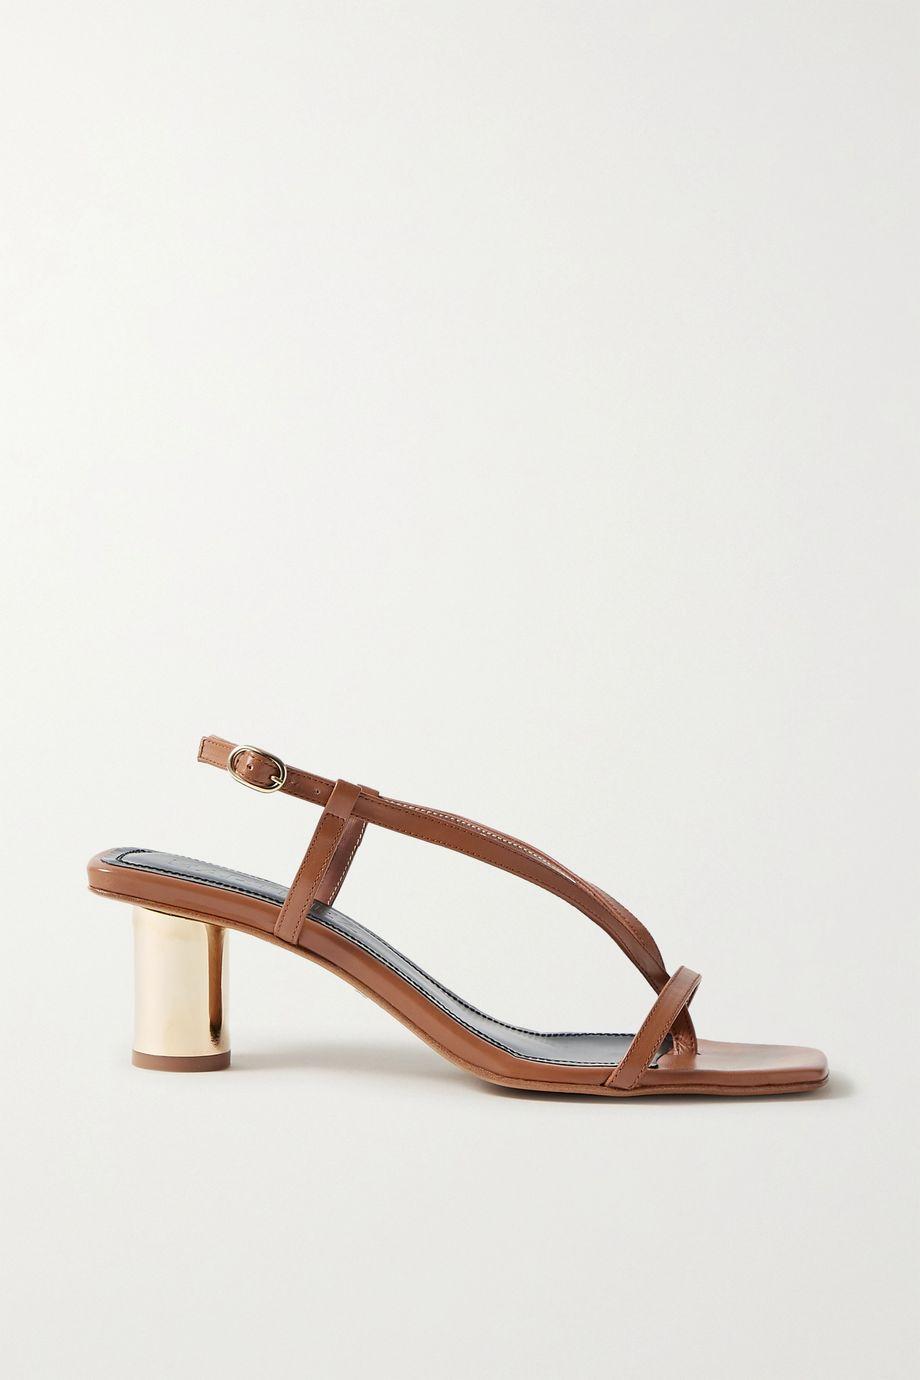 Souliers Martinez Melilla leather sandals